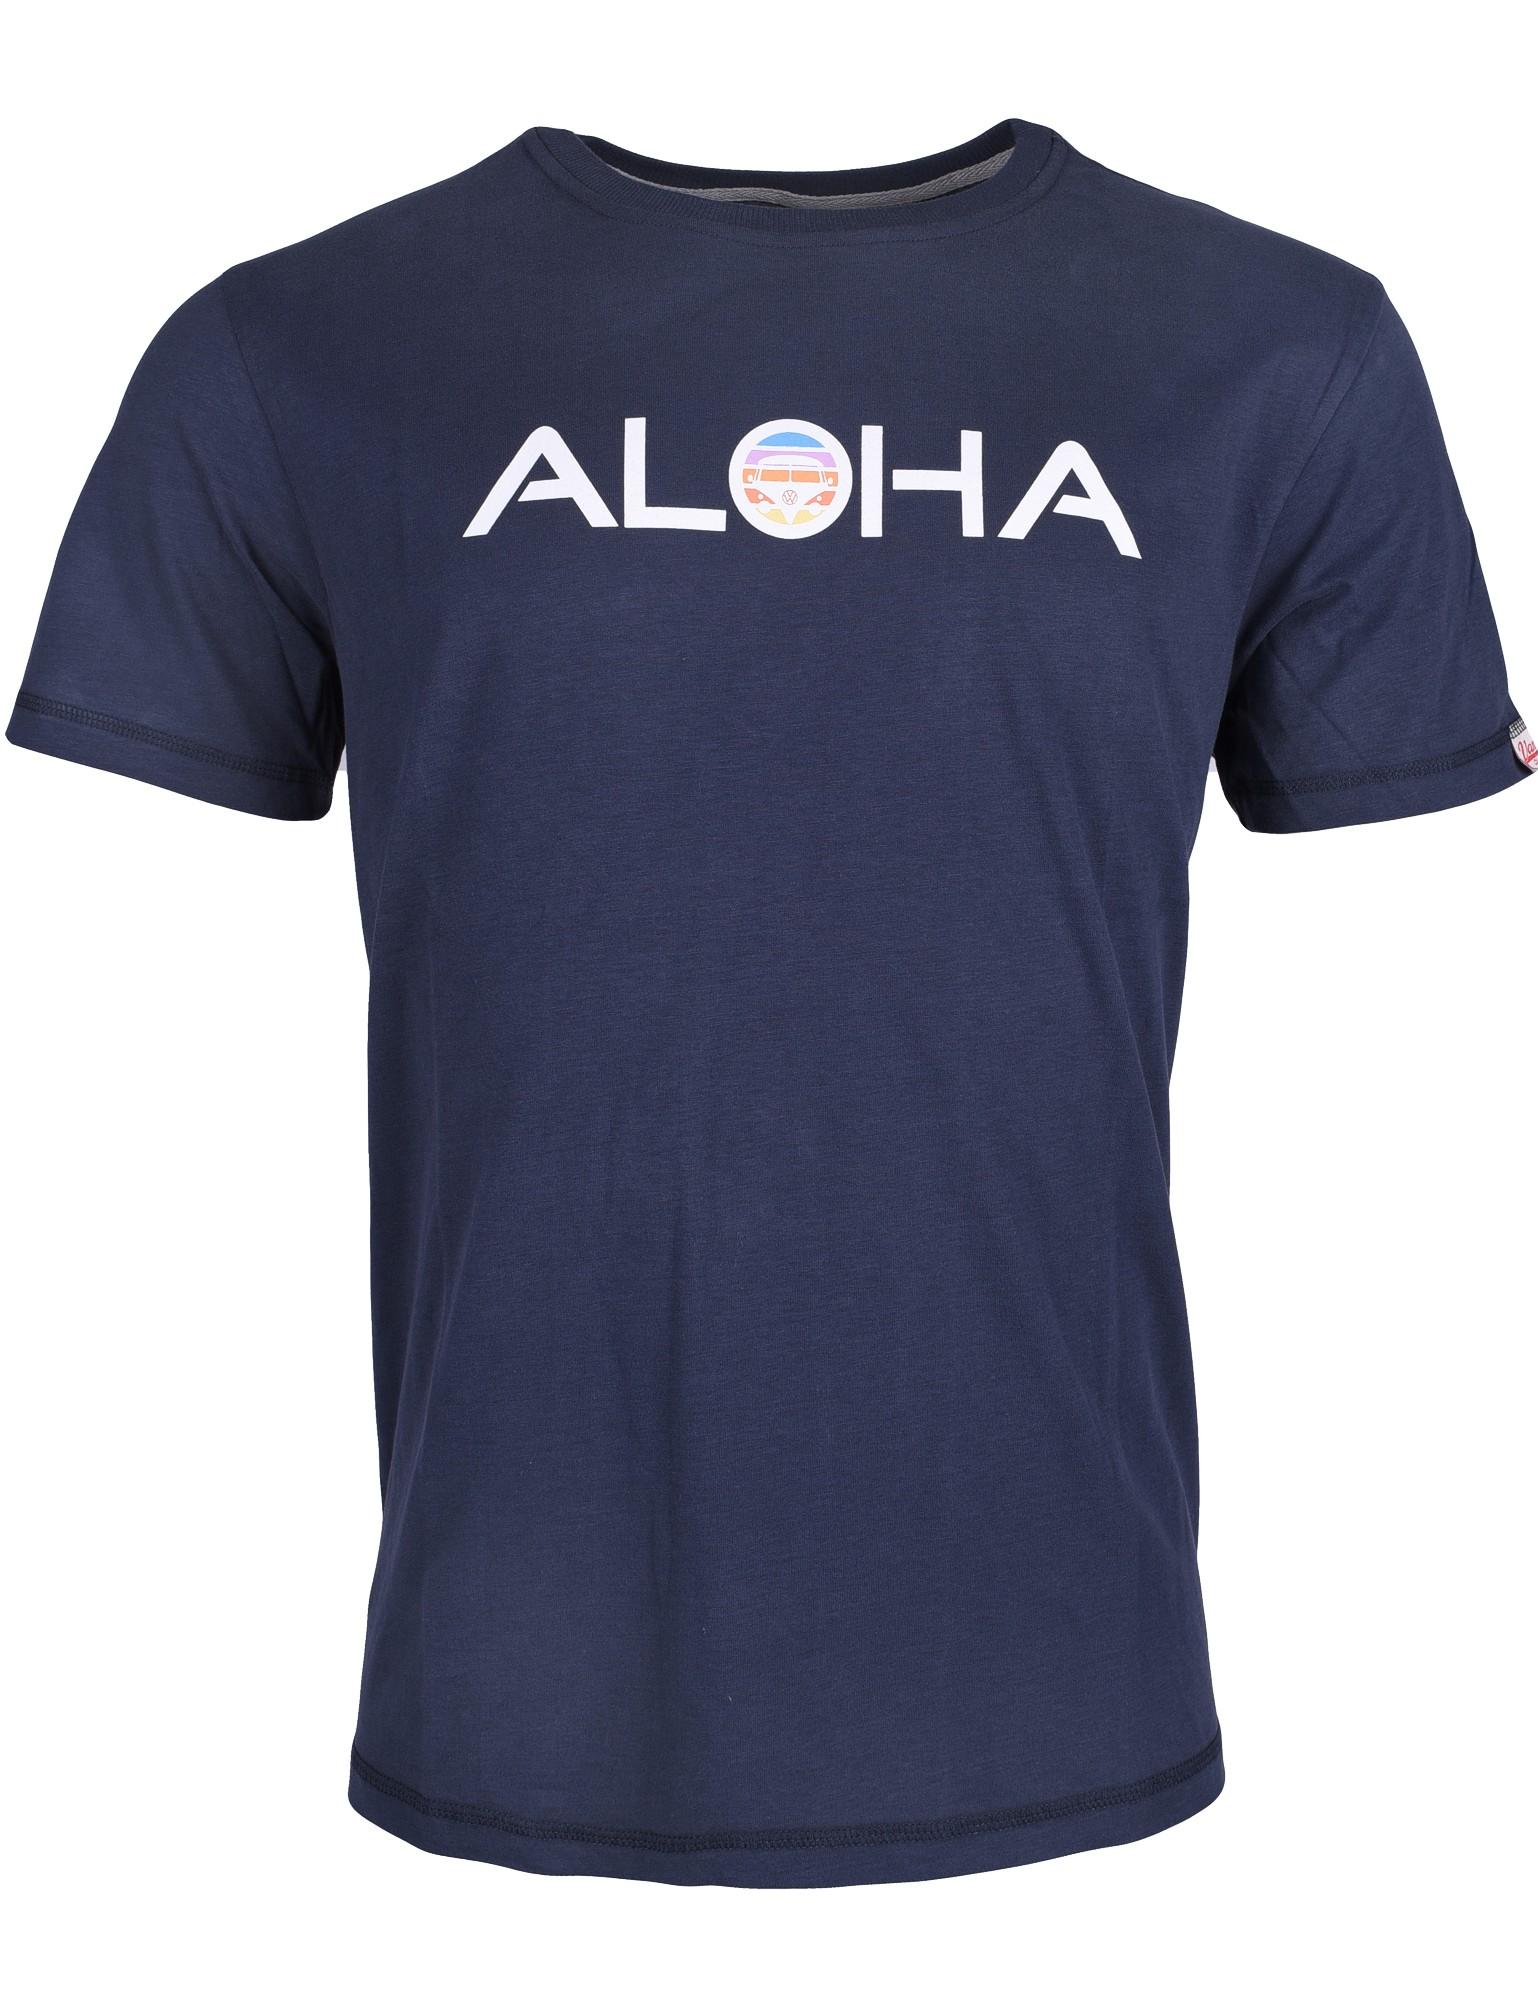 Herren T-Shirt VW Bulli »ALOHA RETRO« Blau